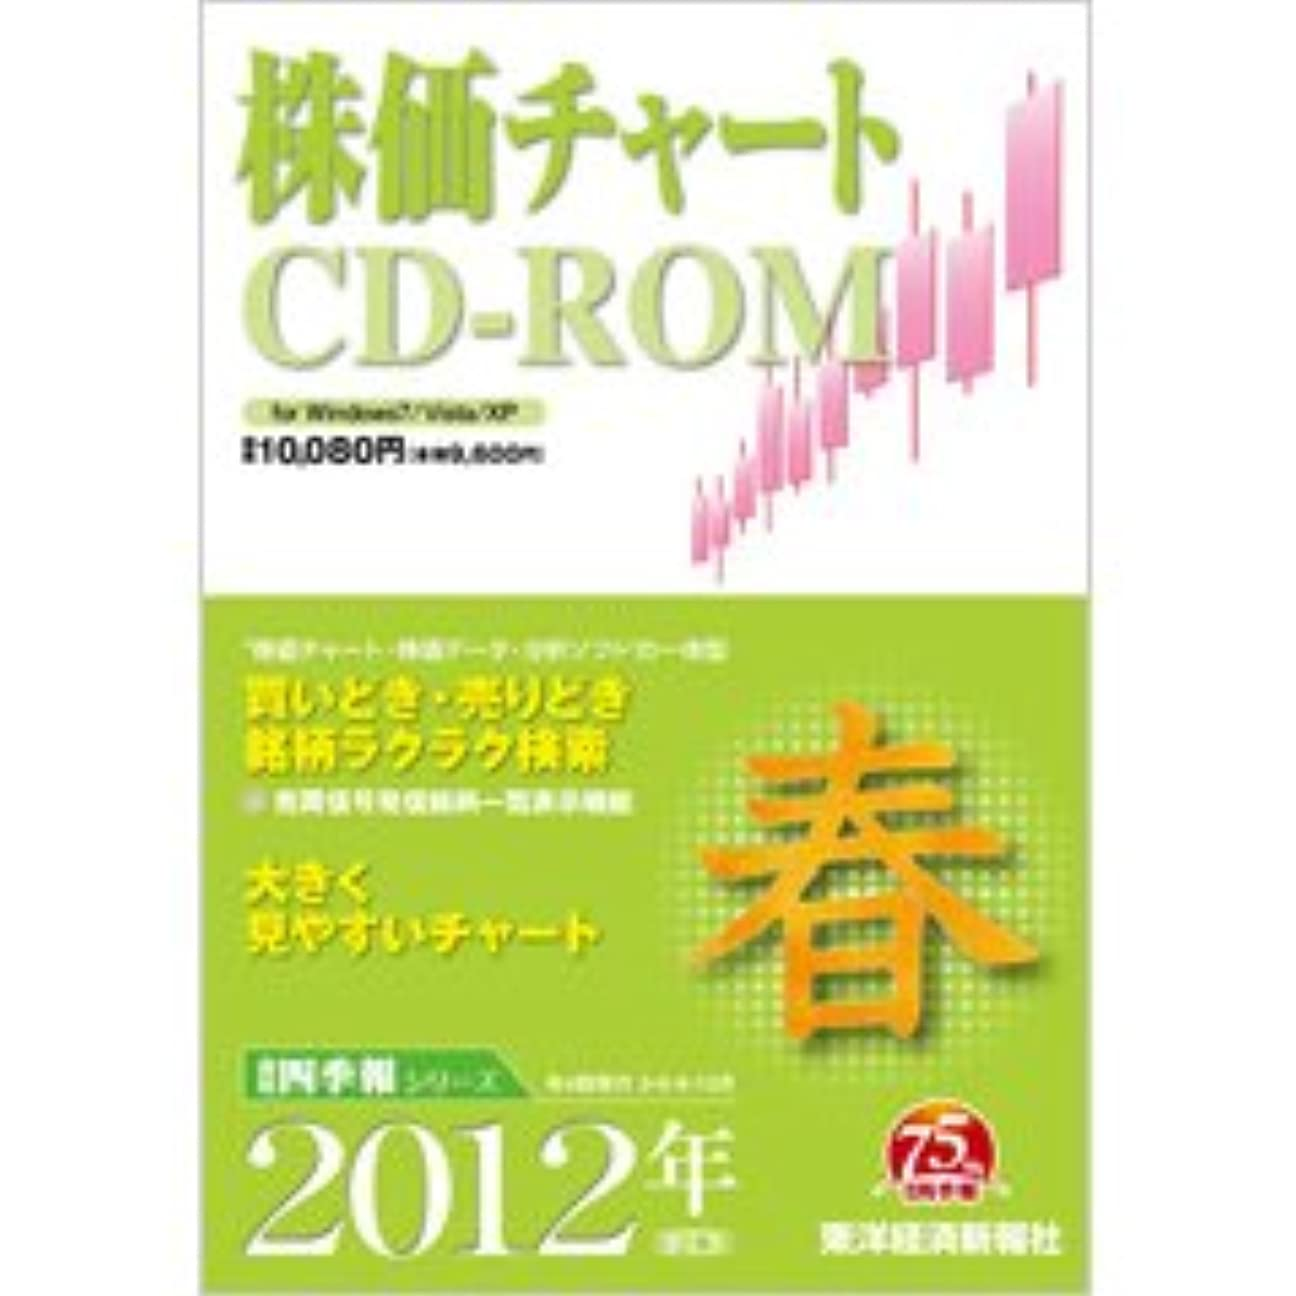 部門取り囲む注ぎます会社四季報CD-ROM2008年4集秋号